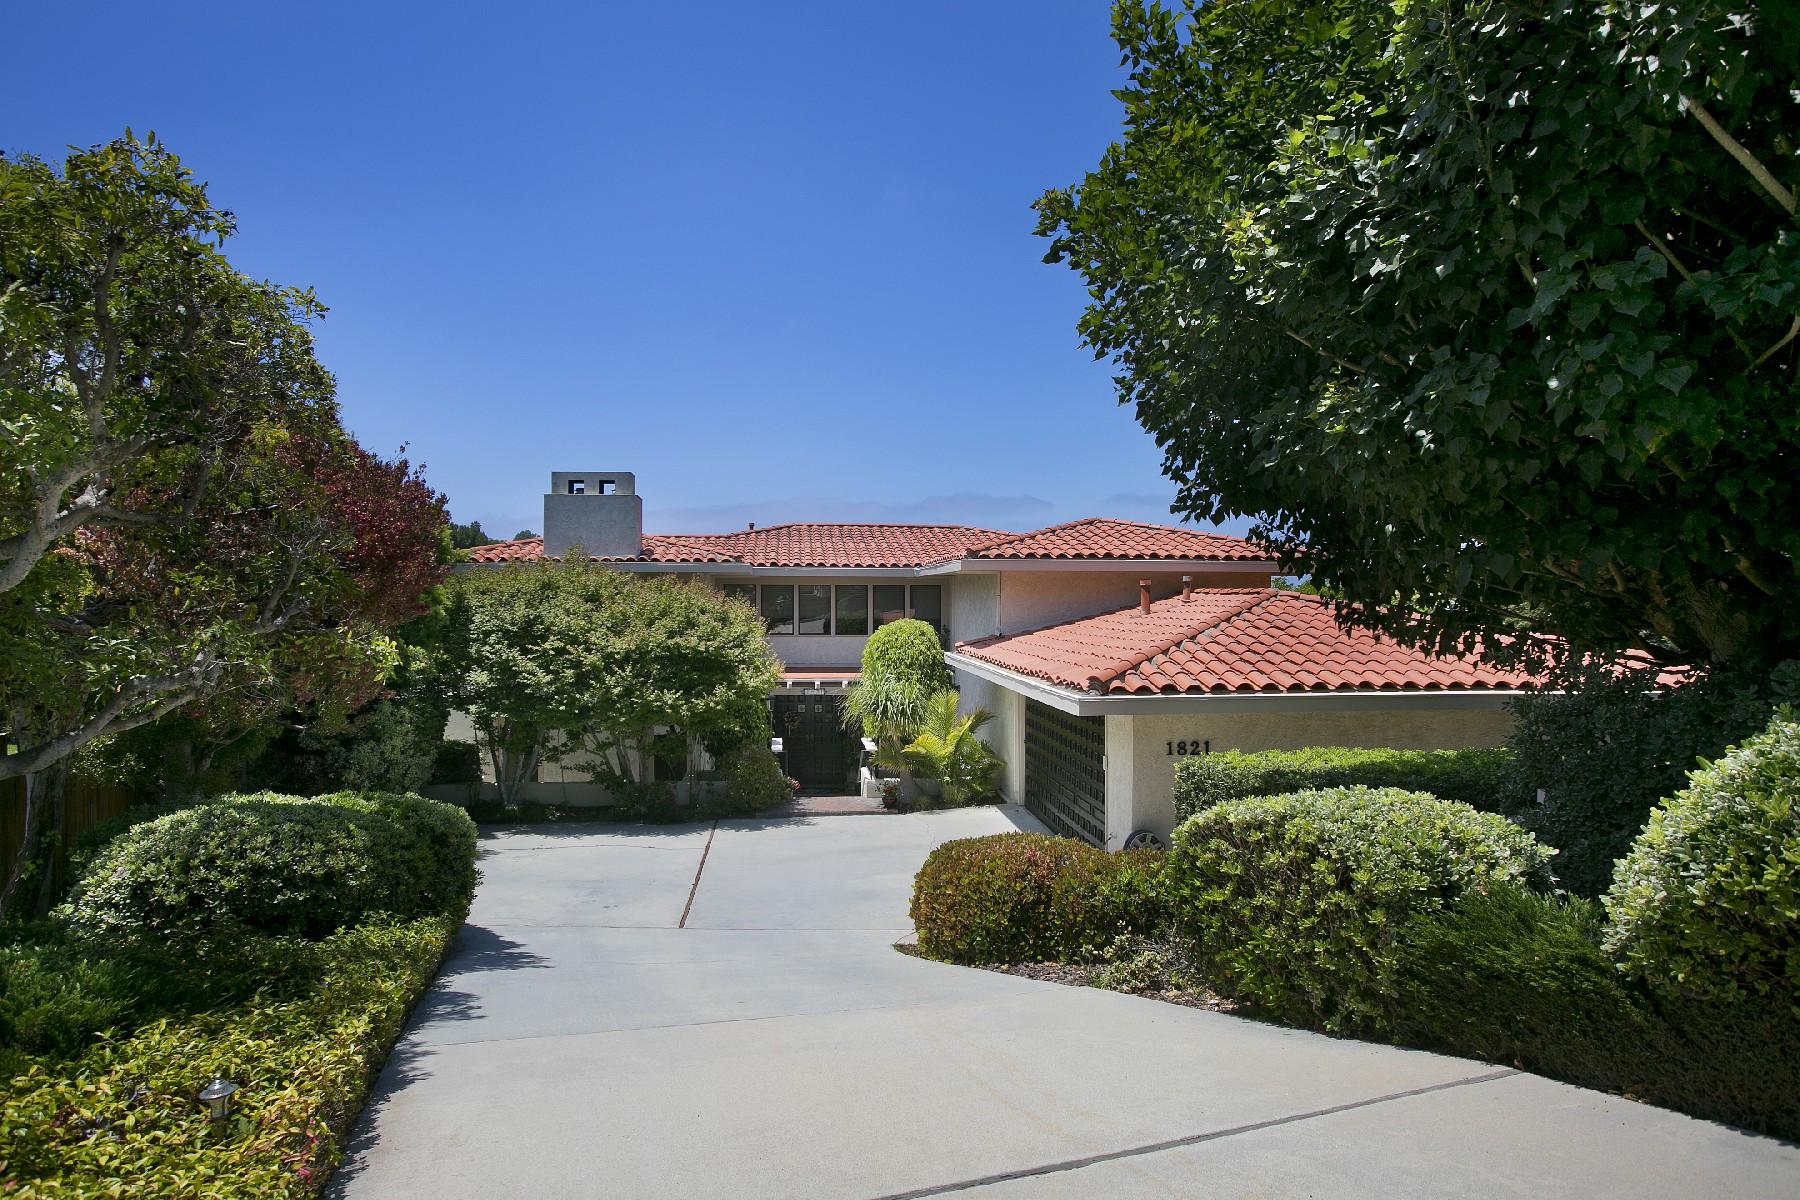 Propiedad en venta Palos Verdes Estates